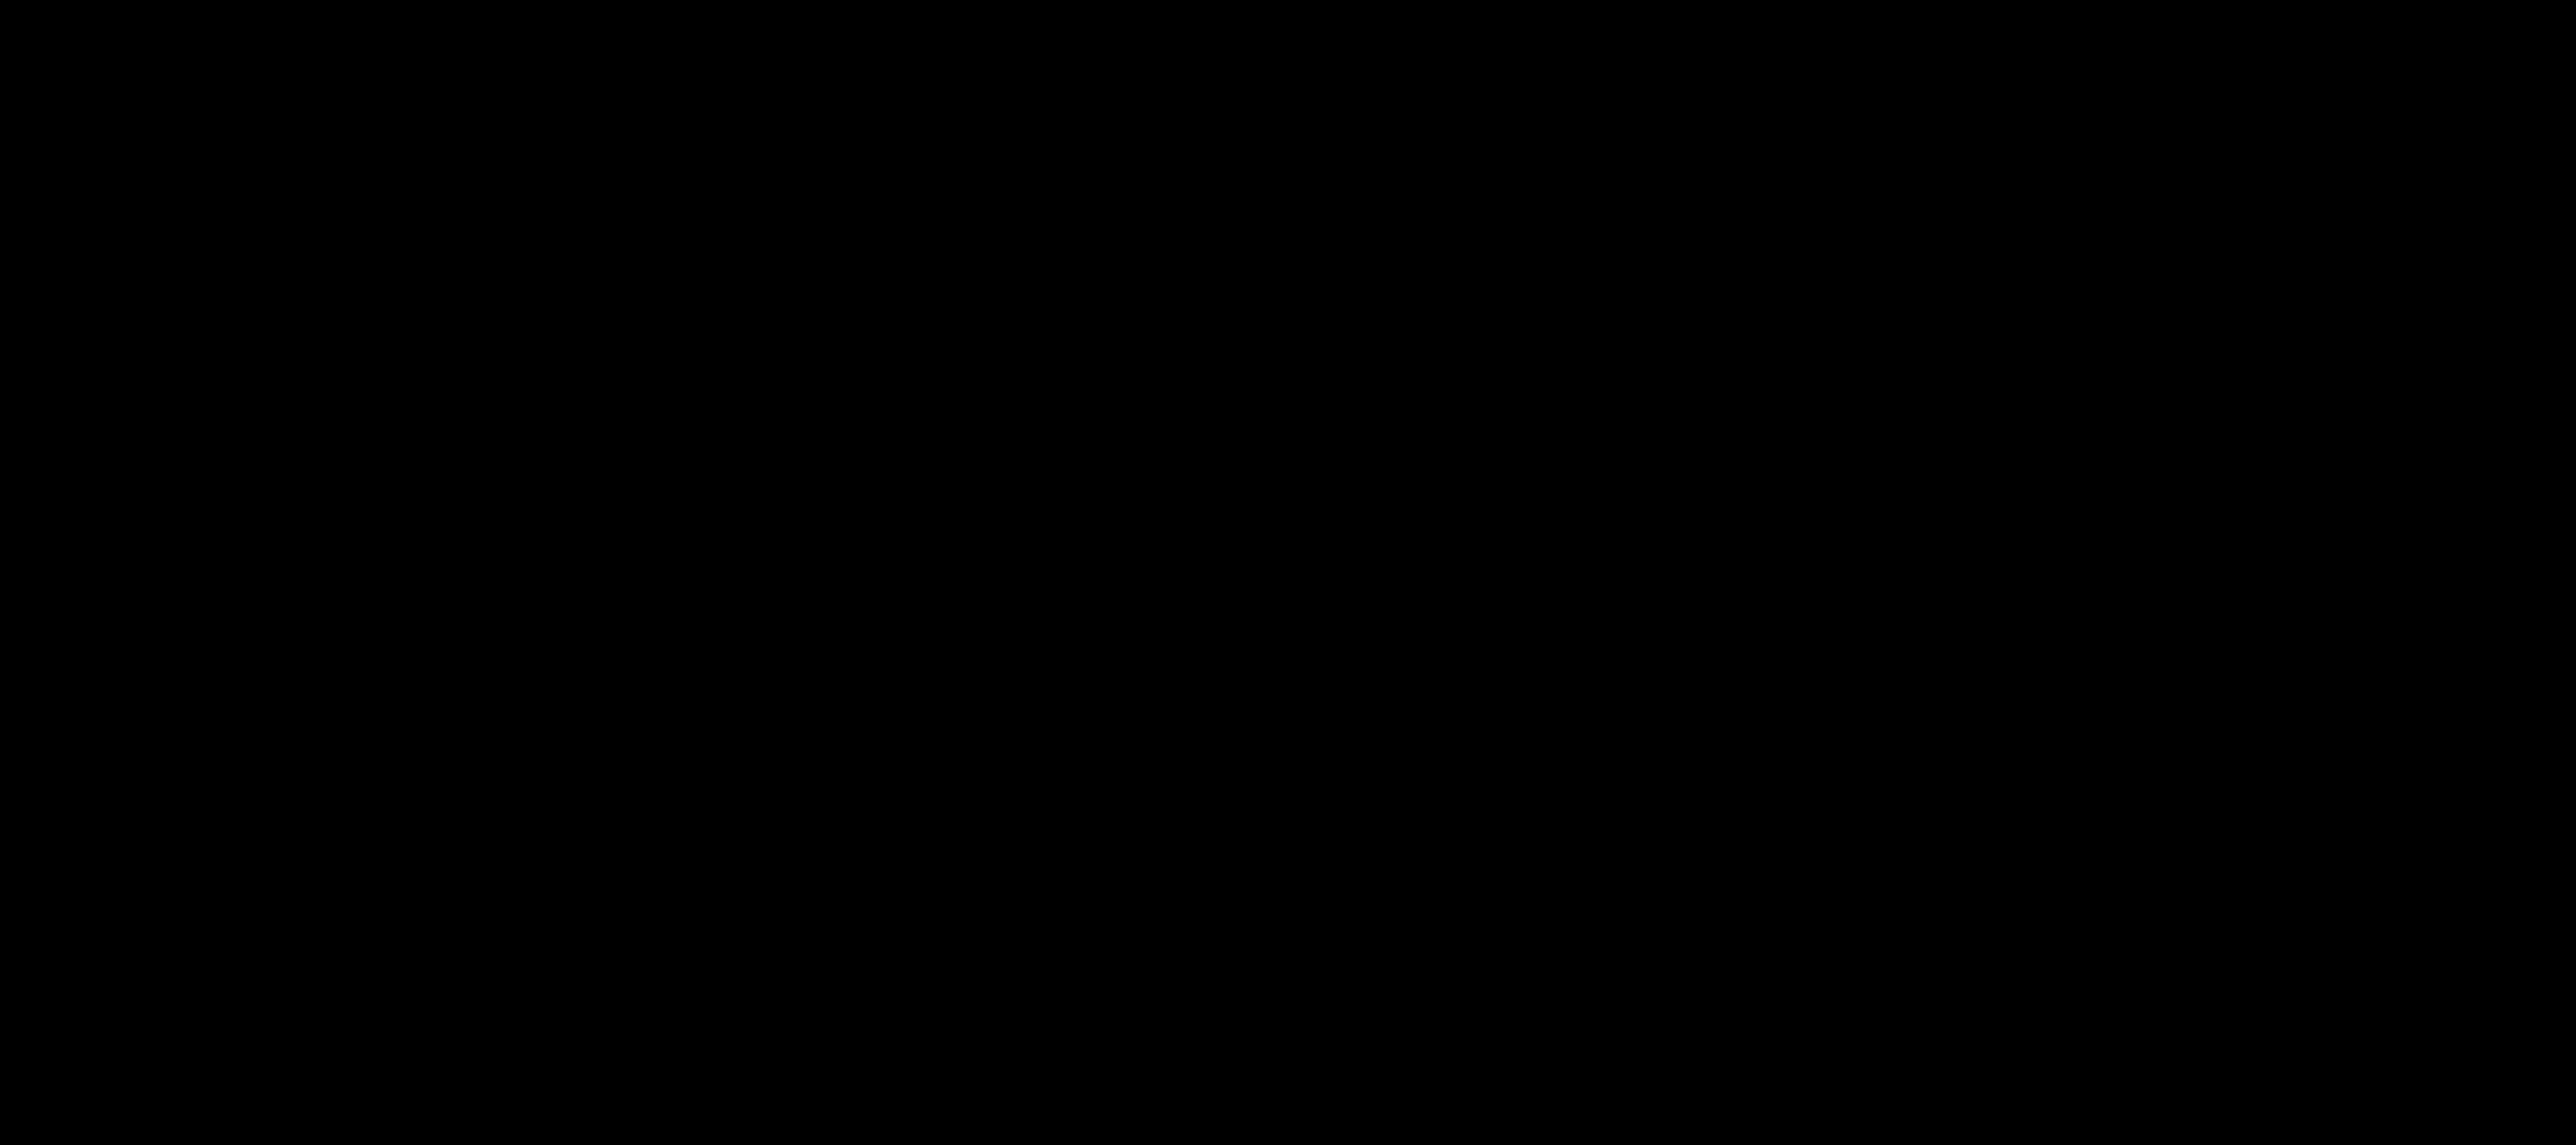 stukadoor logo